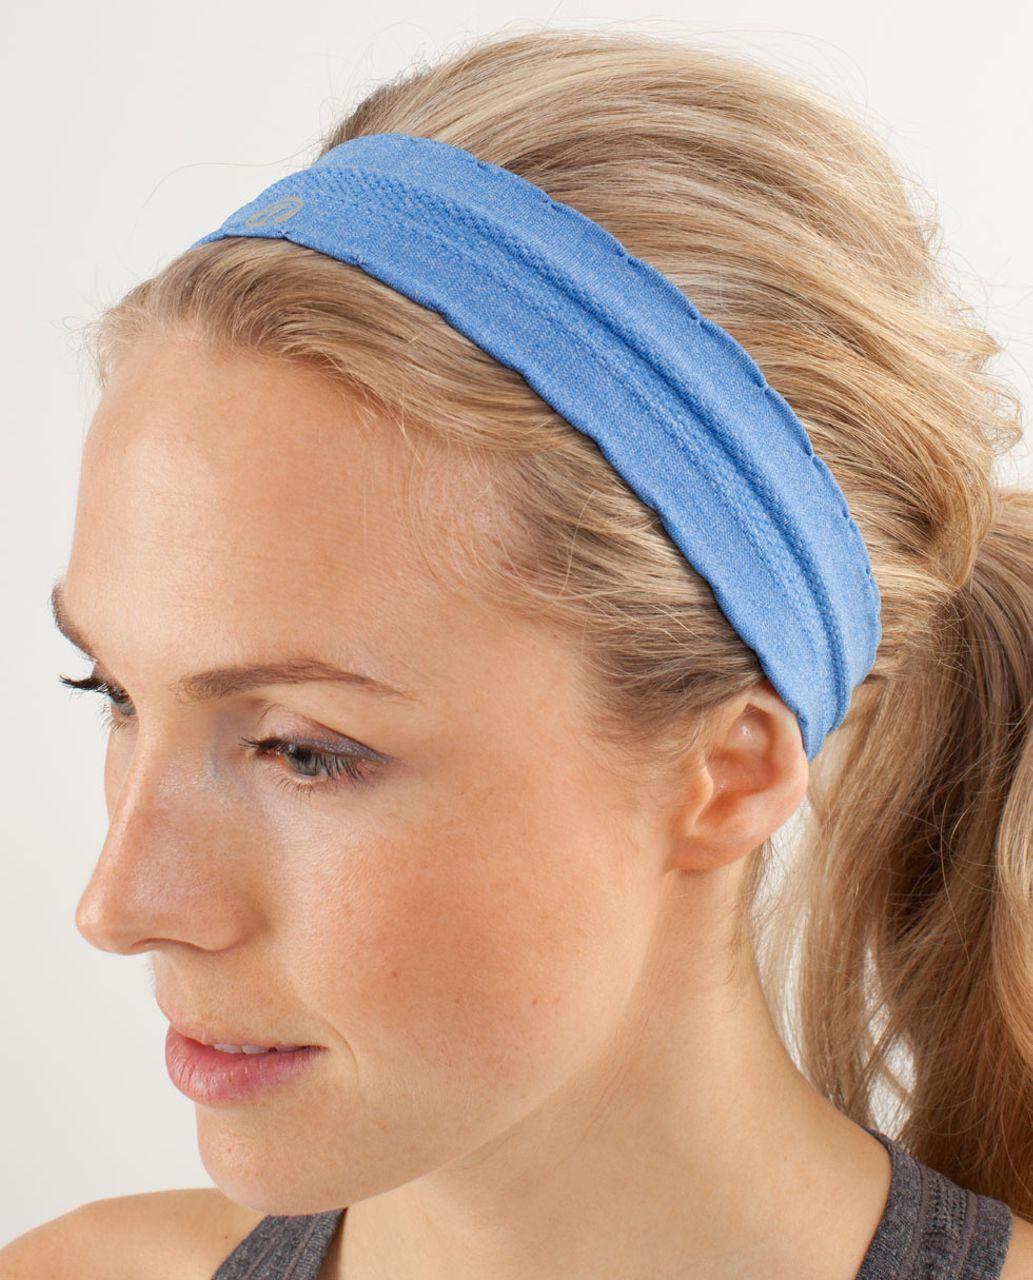 Lululemon Swiftly Headband - Porcelaine